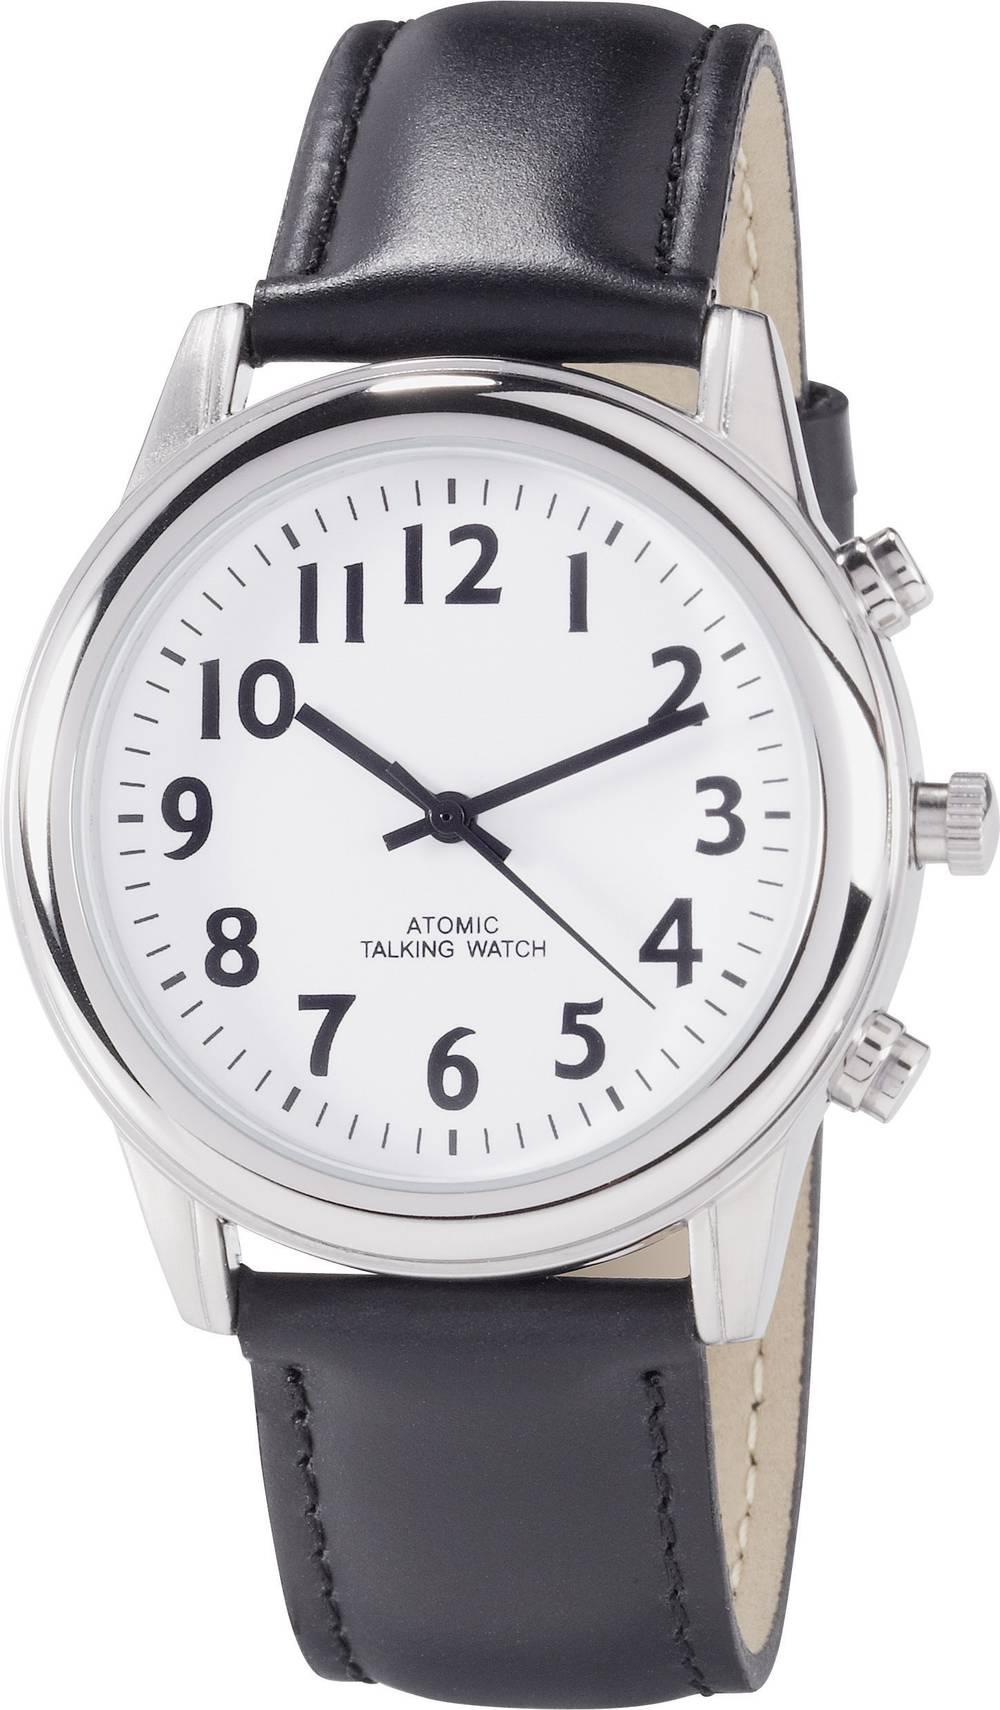 Zapestna ura RATK34-A307-01 9070c14 (Ø x V) 42 mm x 16 mm srebrne barve, ohišje: legirano jeklo, usnjeni pašček, CE